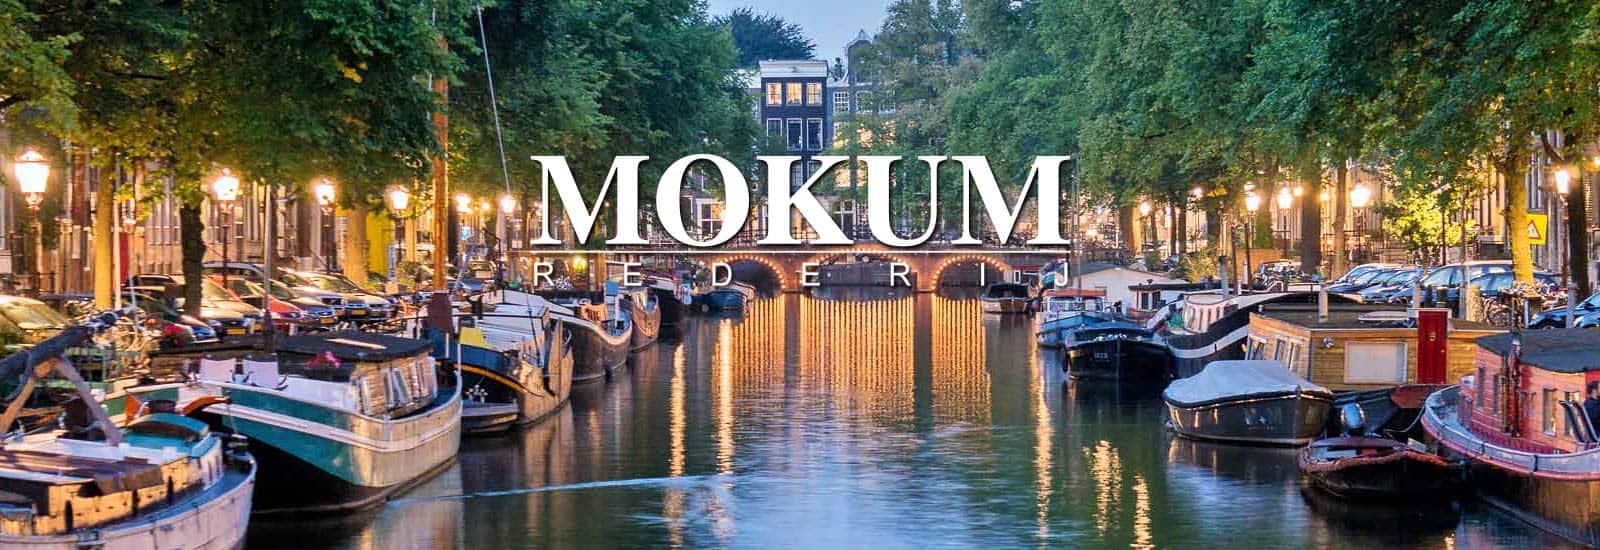 Salonboot huren Amsterdam - Geniet van de pracht en praal van de Amsterdamse grachten per boot.